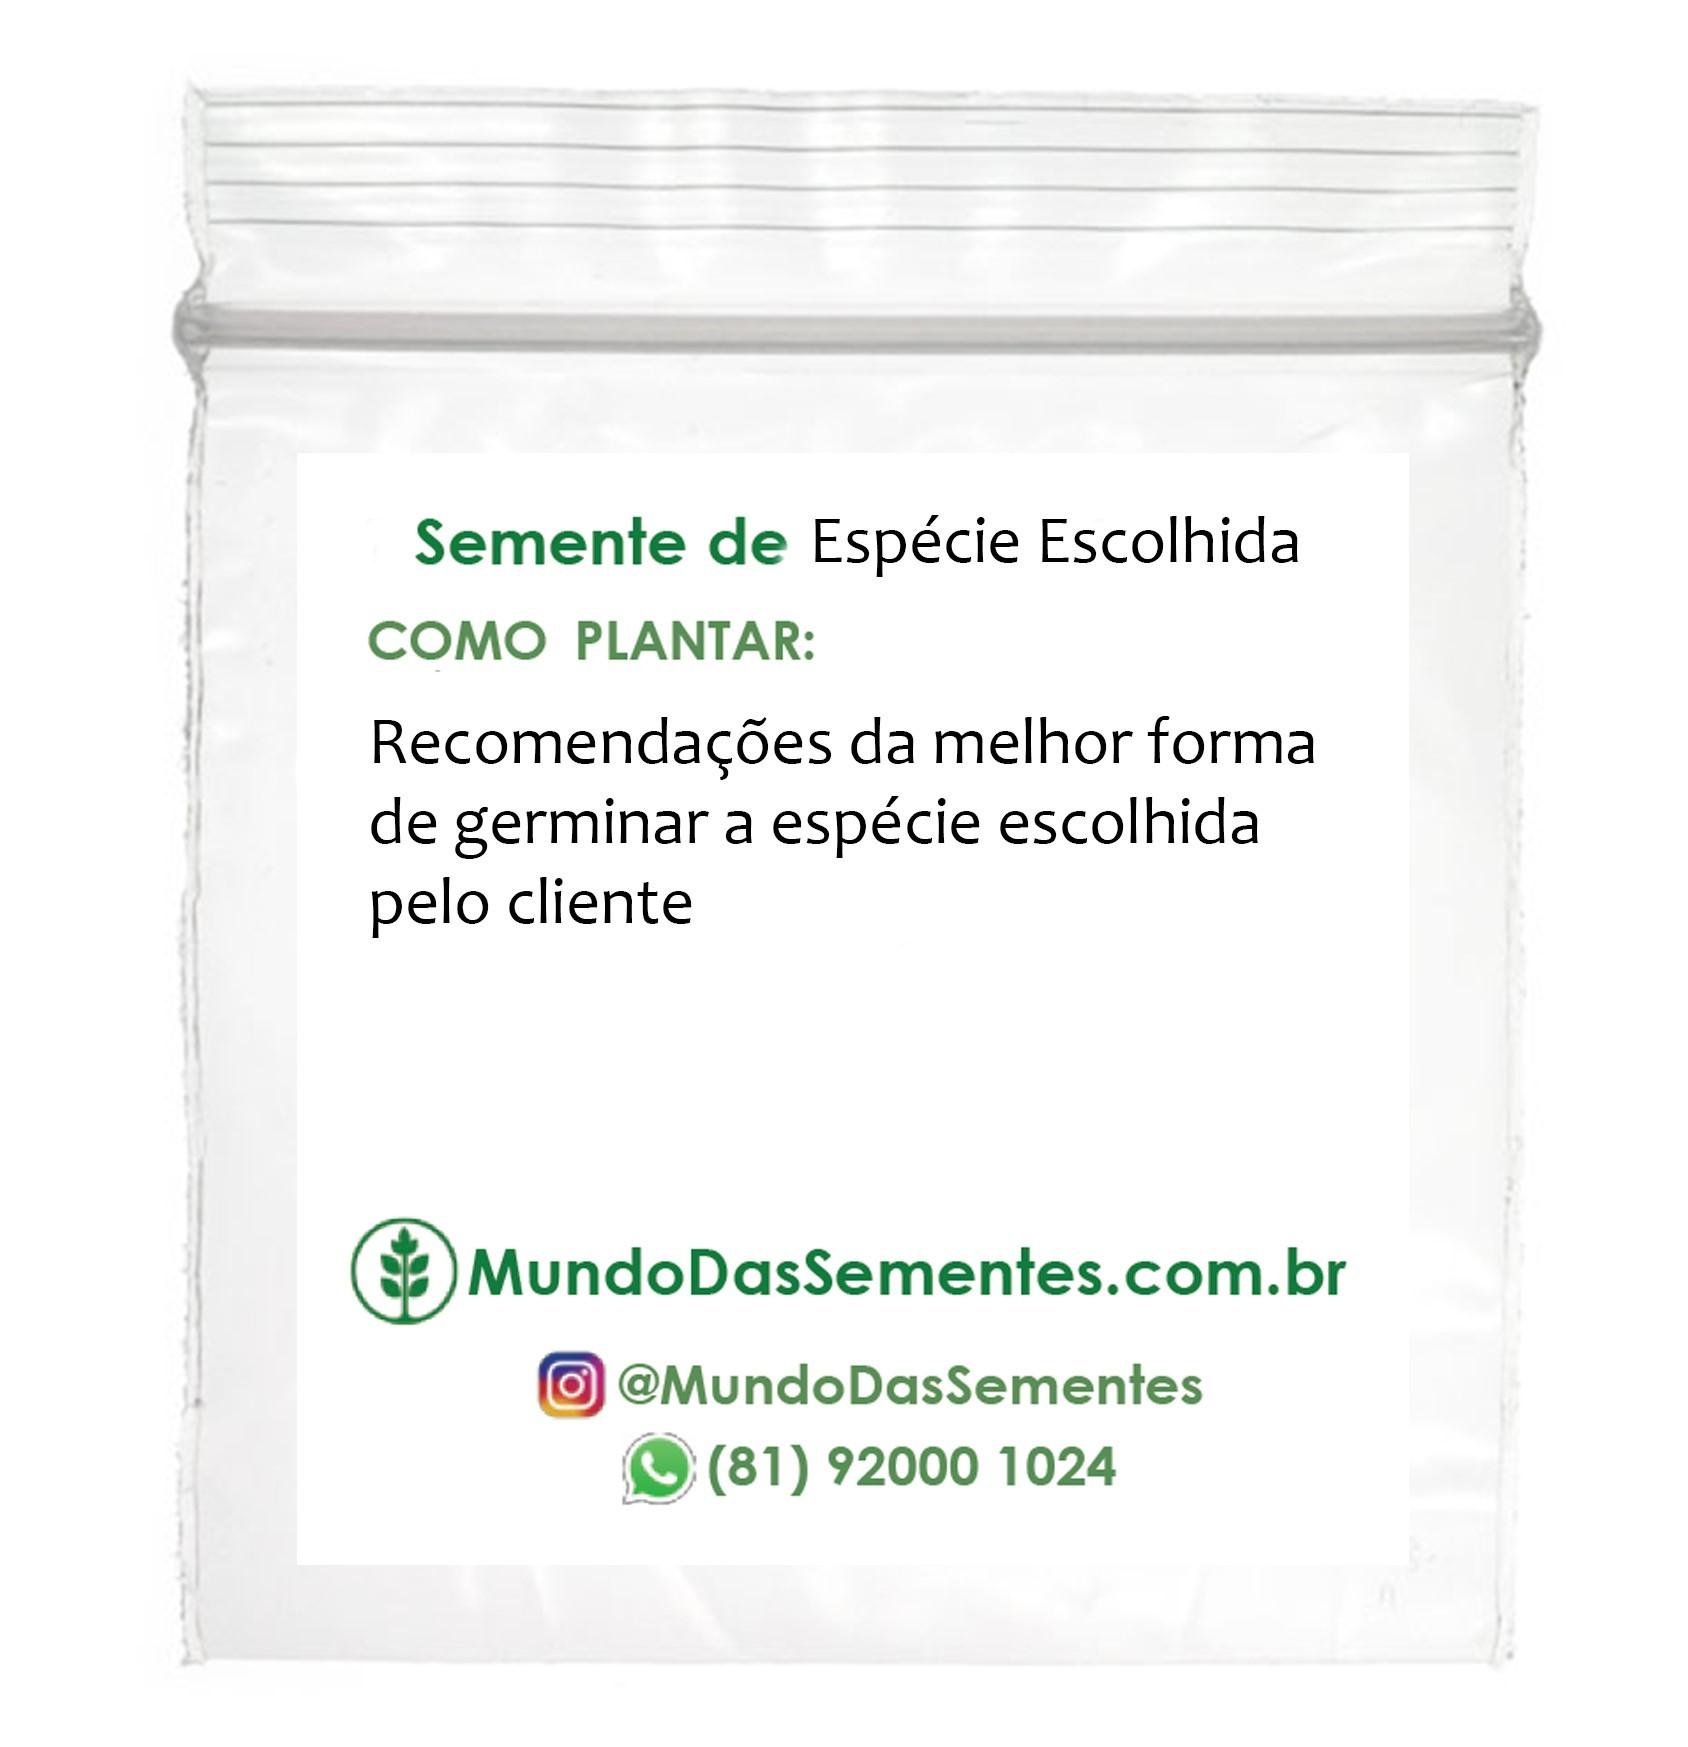 10 Brindes Ecológicos com Sementes – Ziplock 4x4cm com Etiqueta Personalizada - Mundo das Sementes